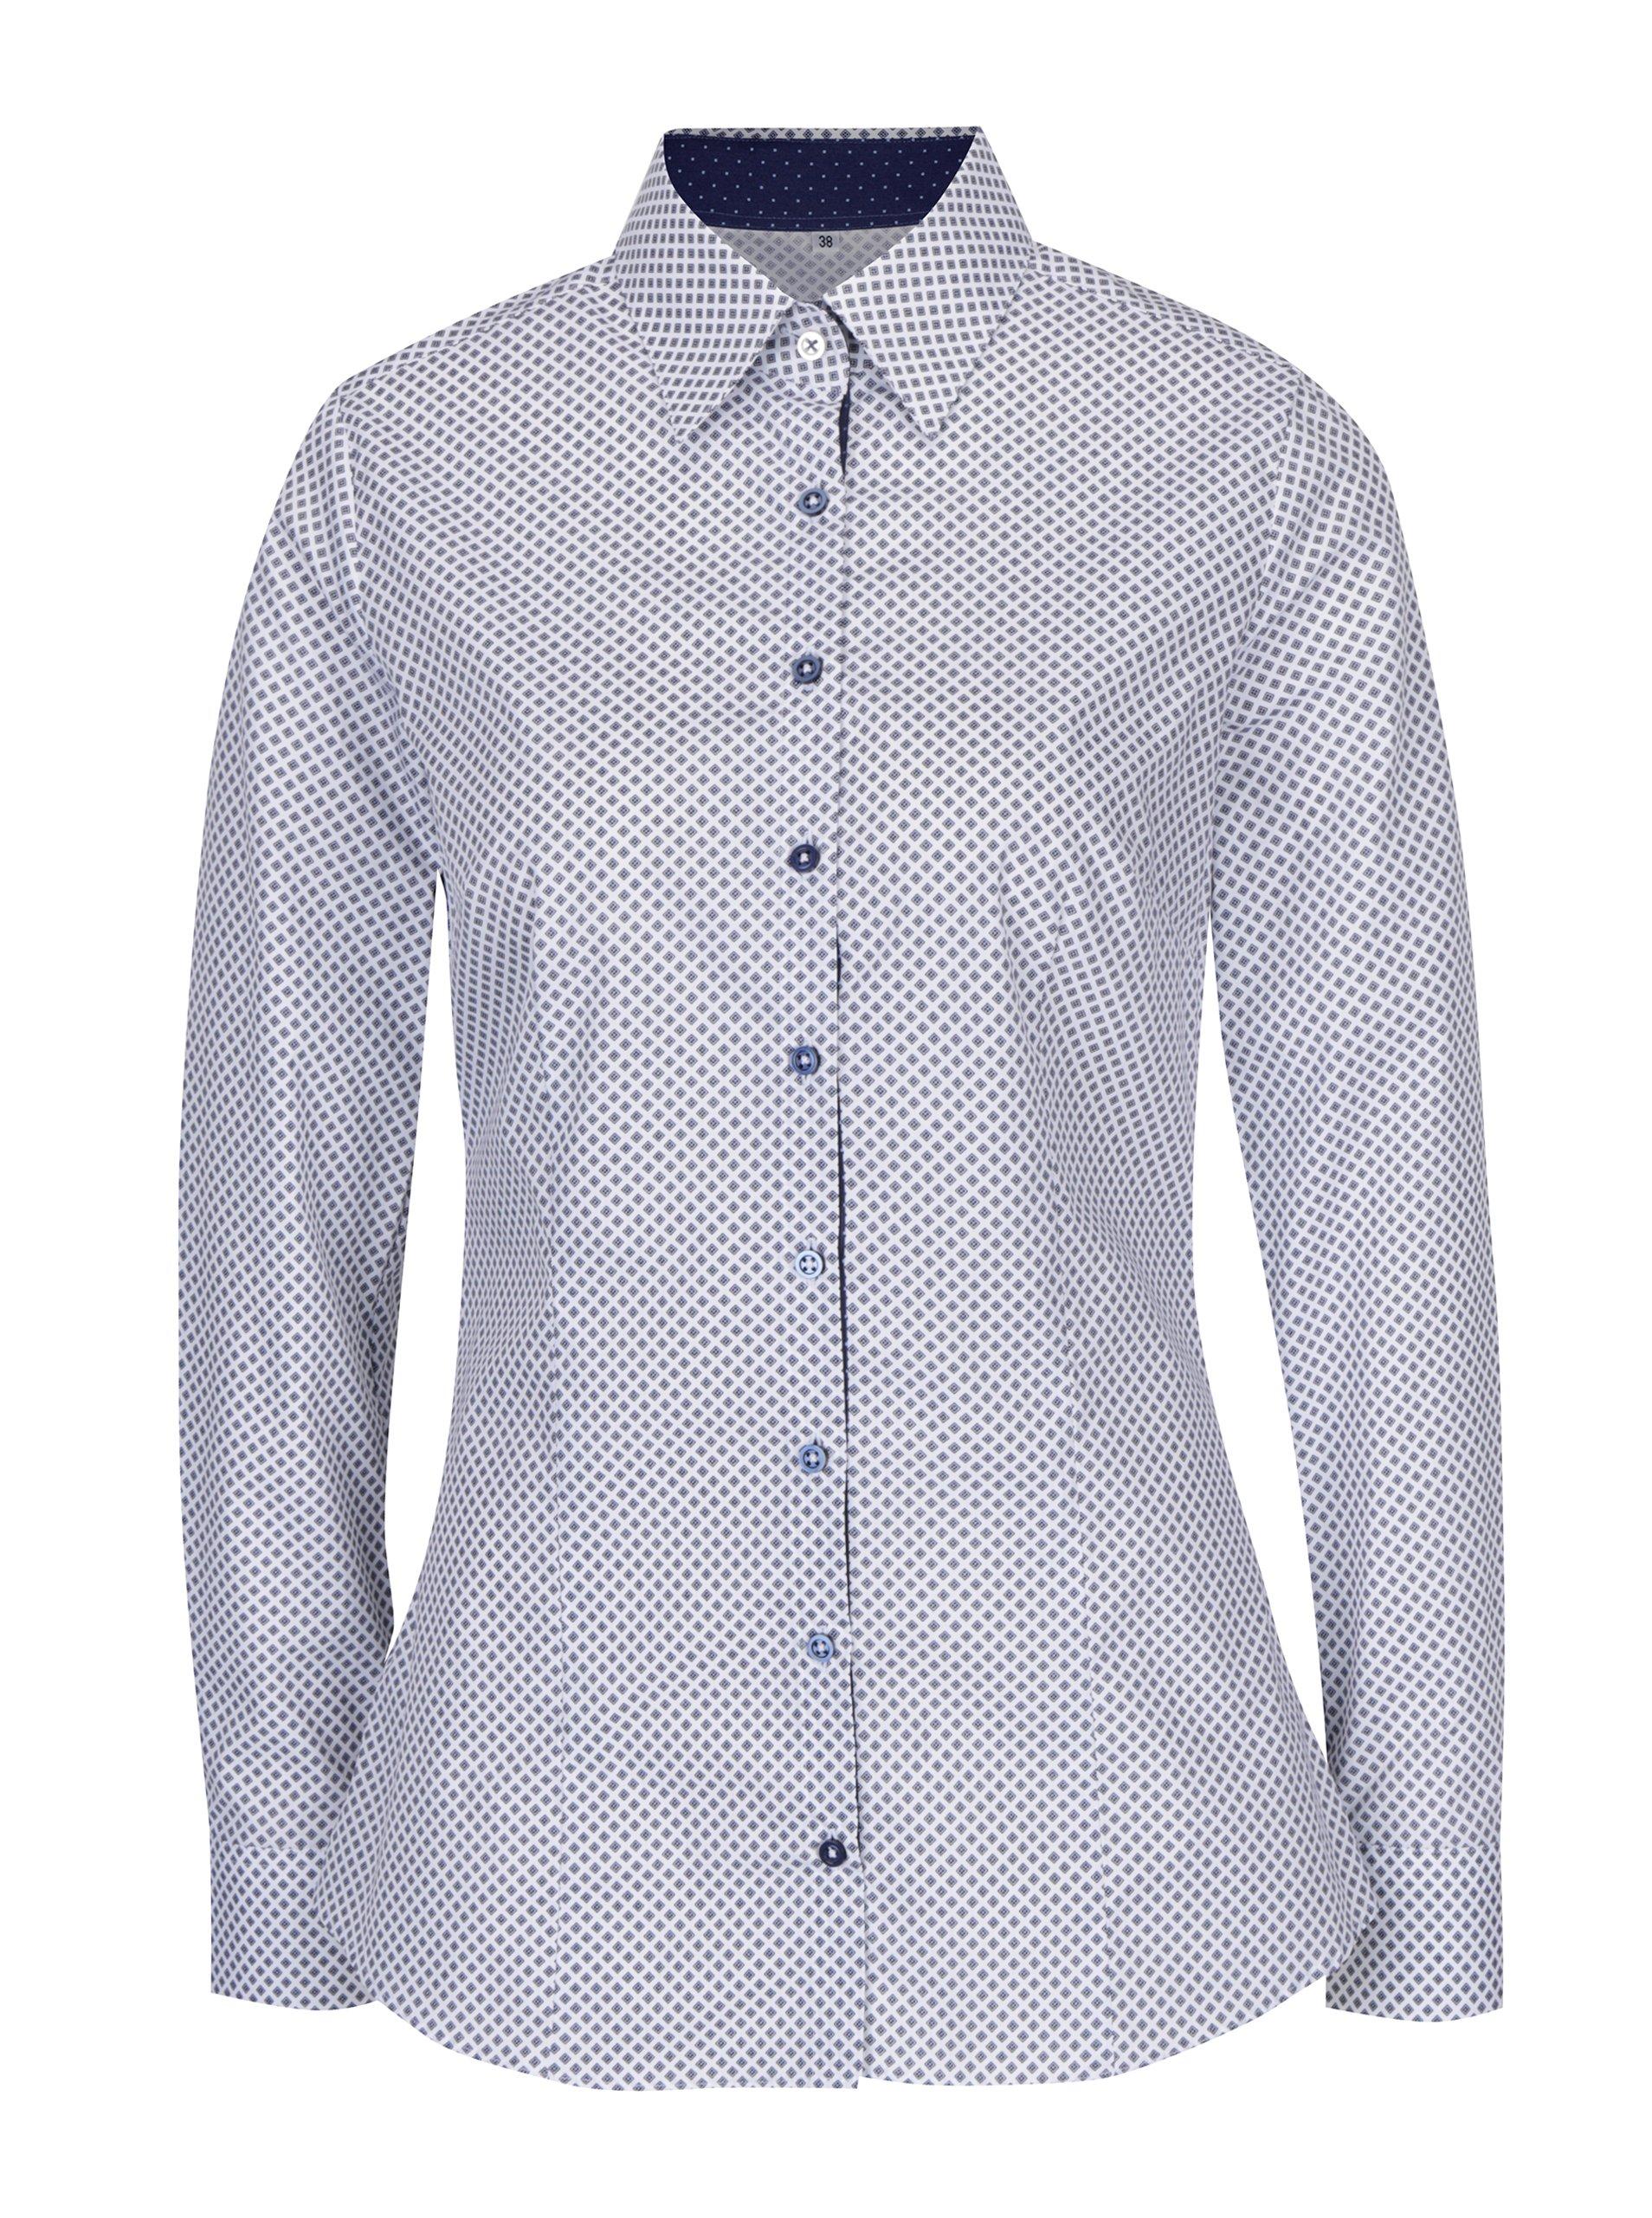 9e046f7886 Biela dámska košeľa s tmavomodrým vzorom VAVI